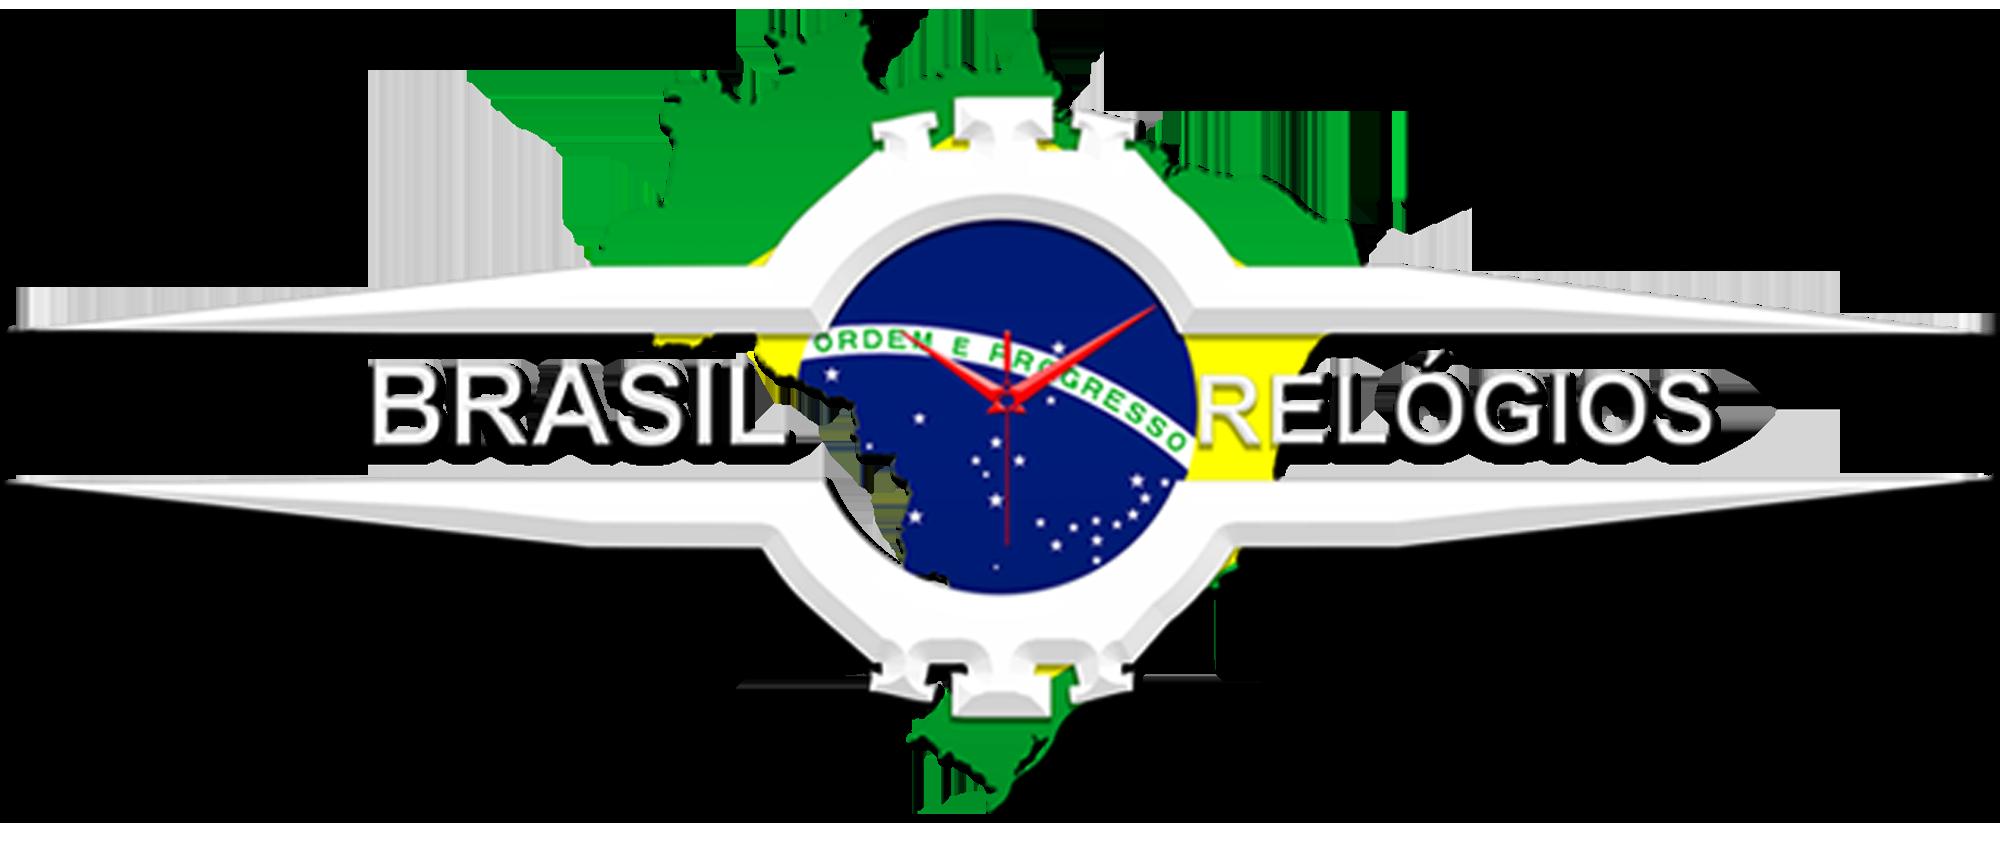 10 Ocasiões para usar Relógios Michael Kors Originais - Brasil ... 84f35bffe2